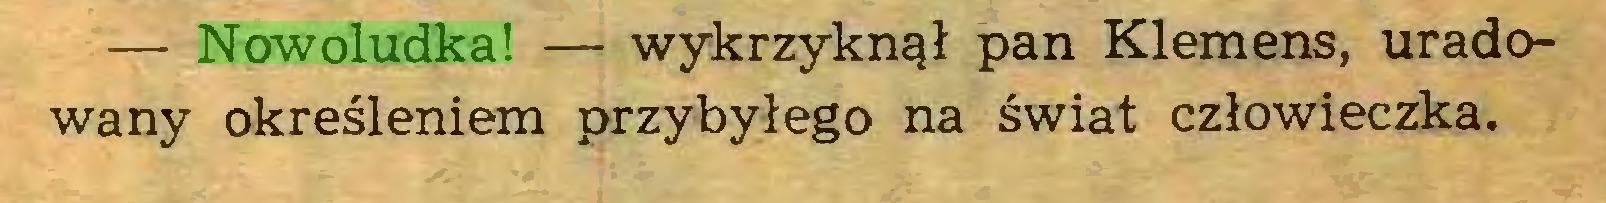 (...) — Nowoludka! — wykrzyknął pan Klemens, uradowany określeniem przybyłego na świat człowieczka...